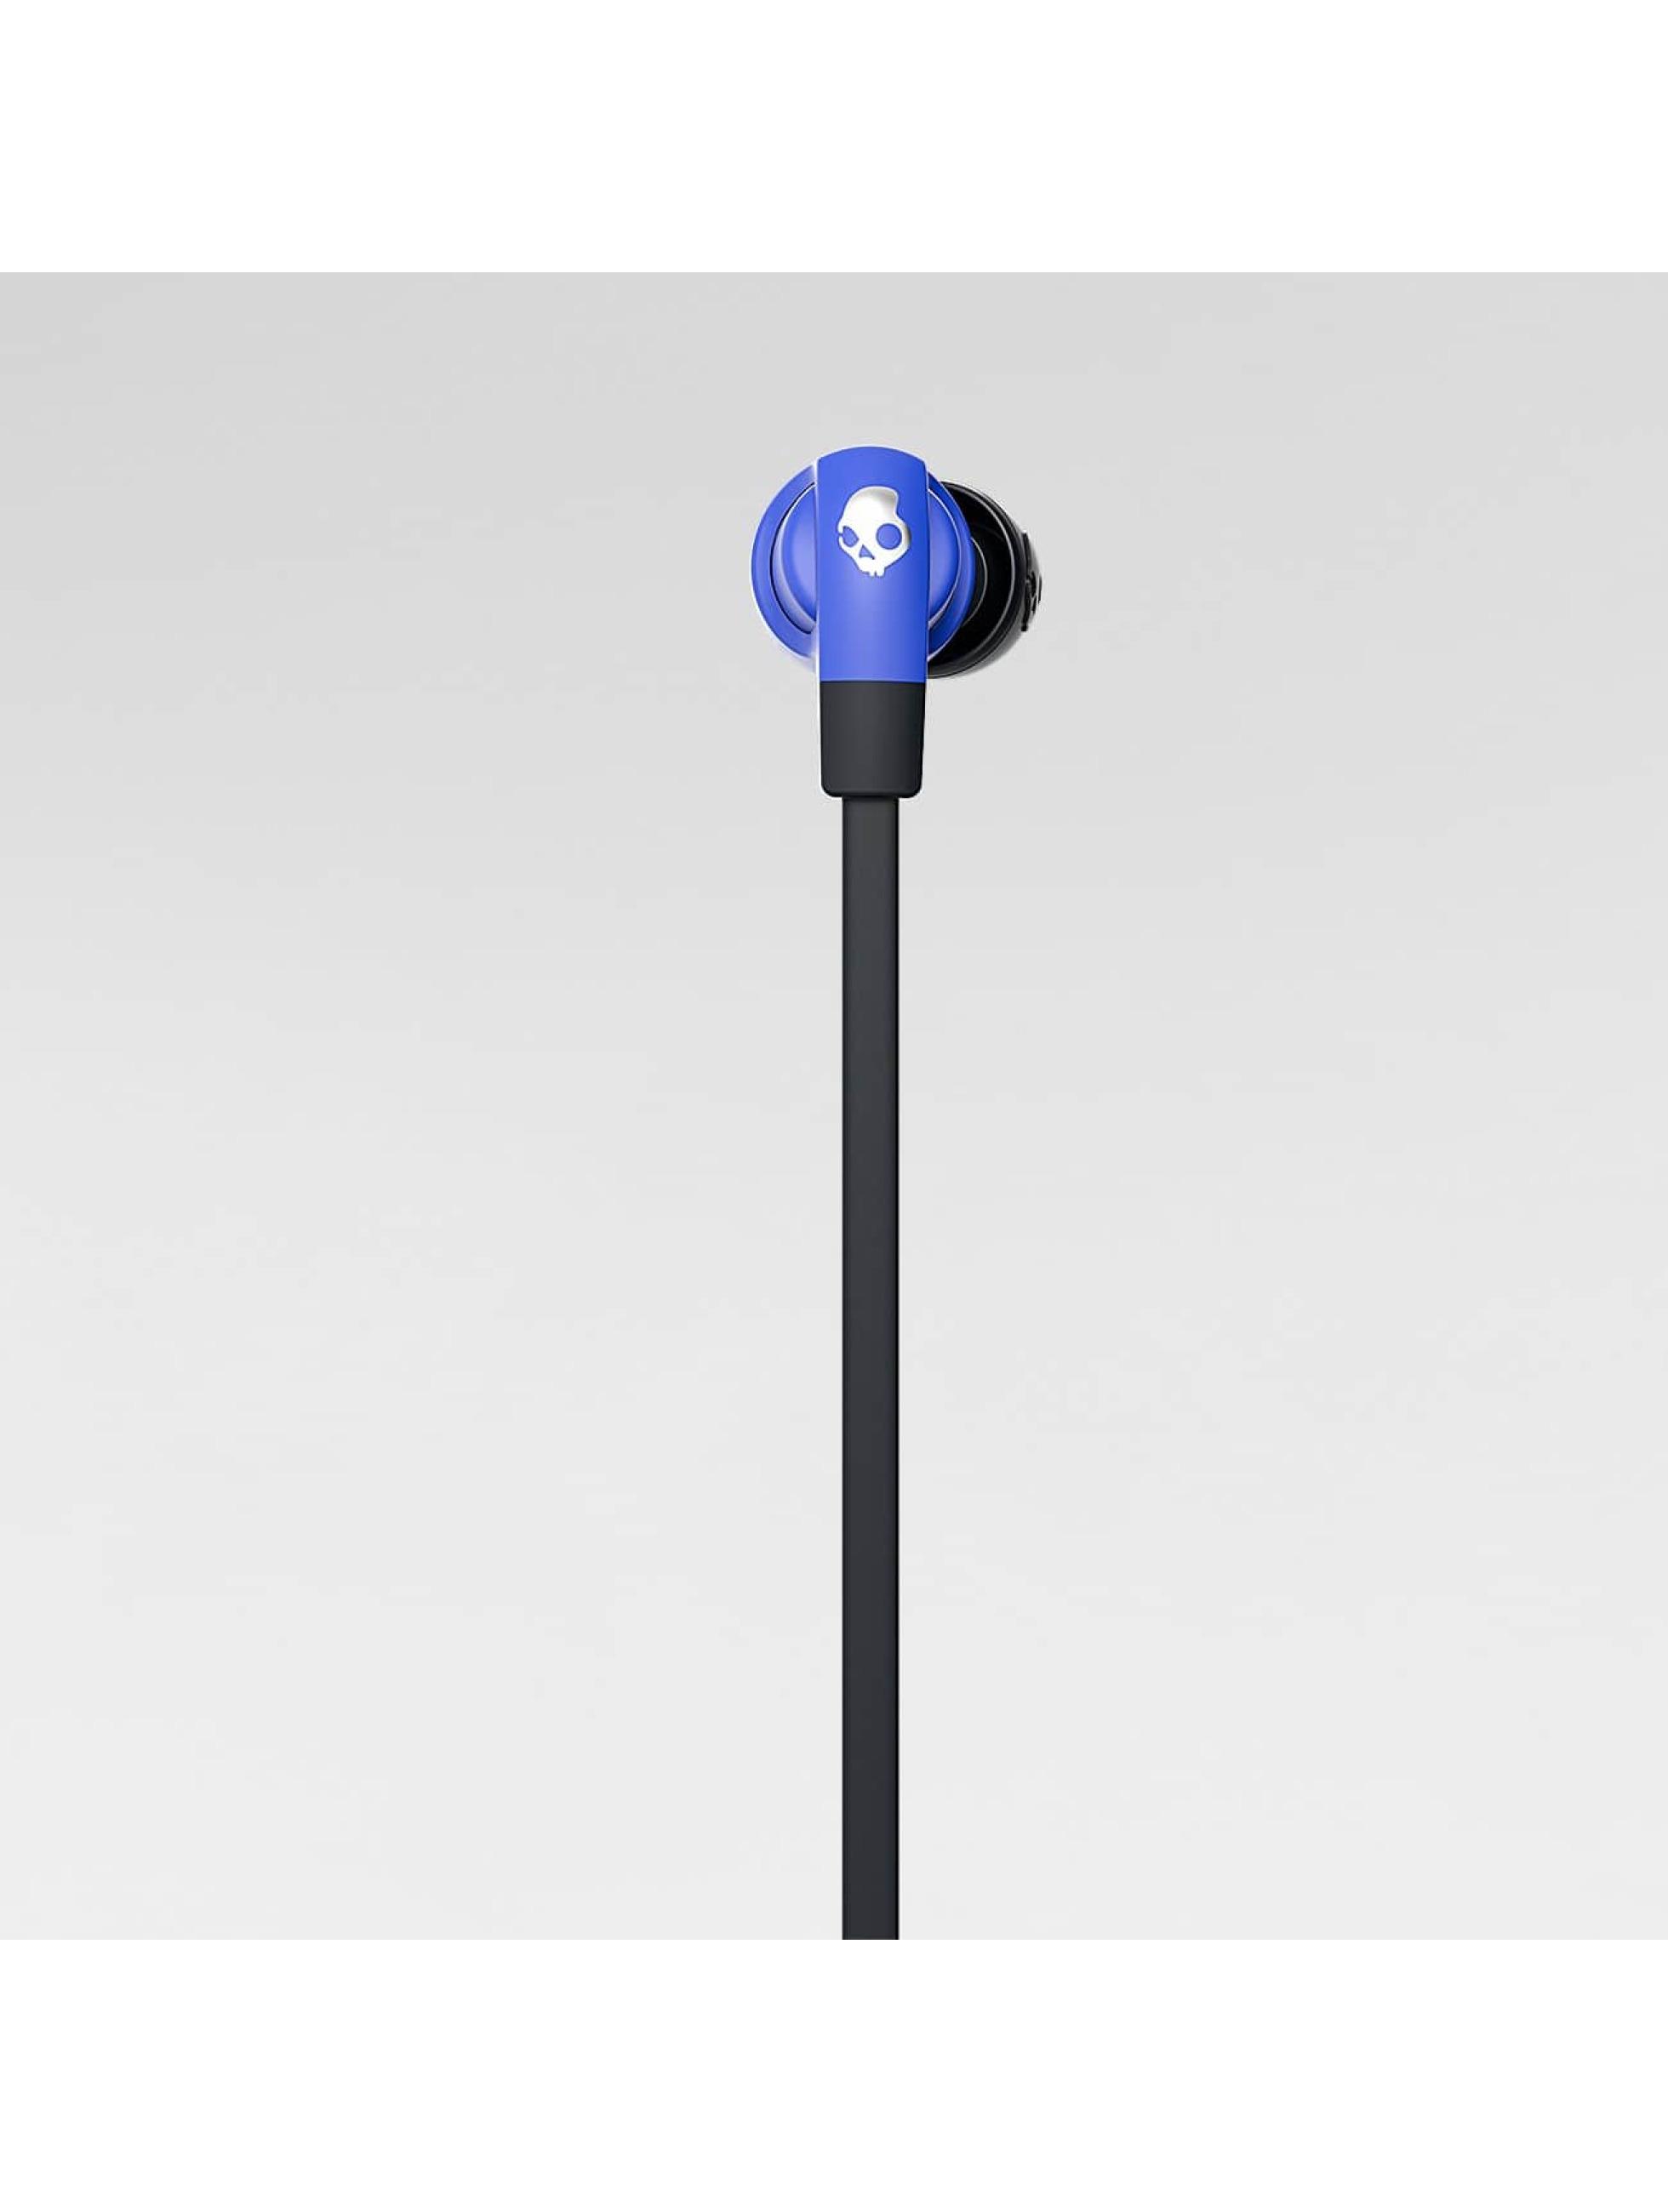 Skullcandy Sluchátka Smokin Bud 2 Wireless modrý